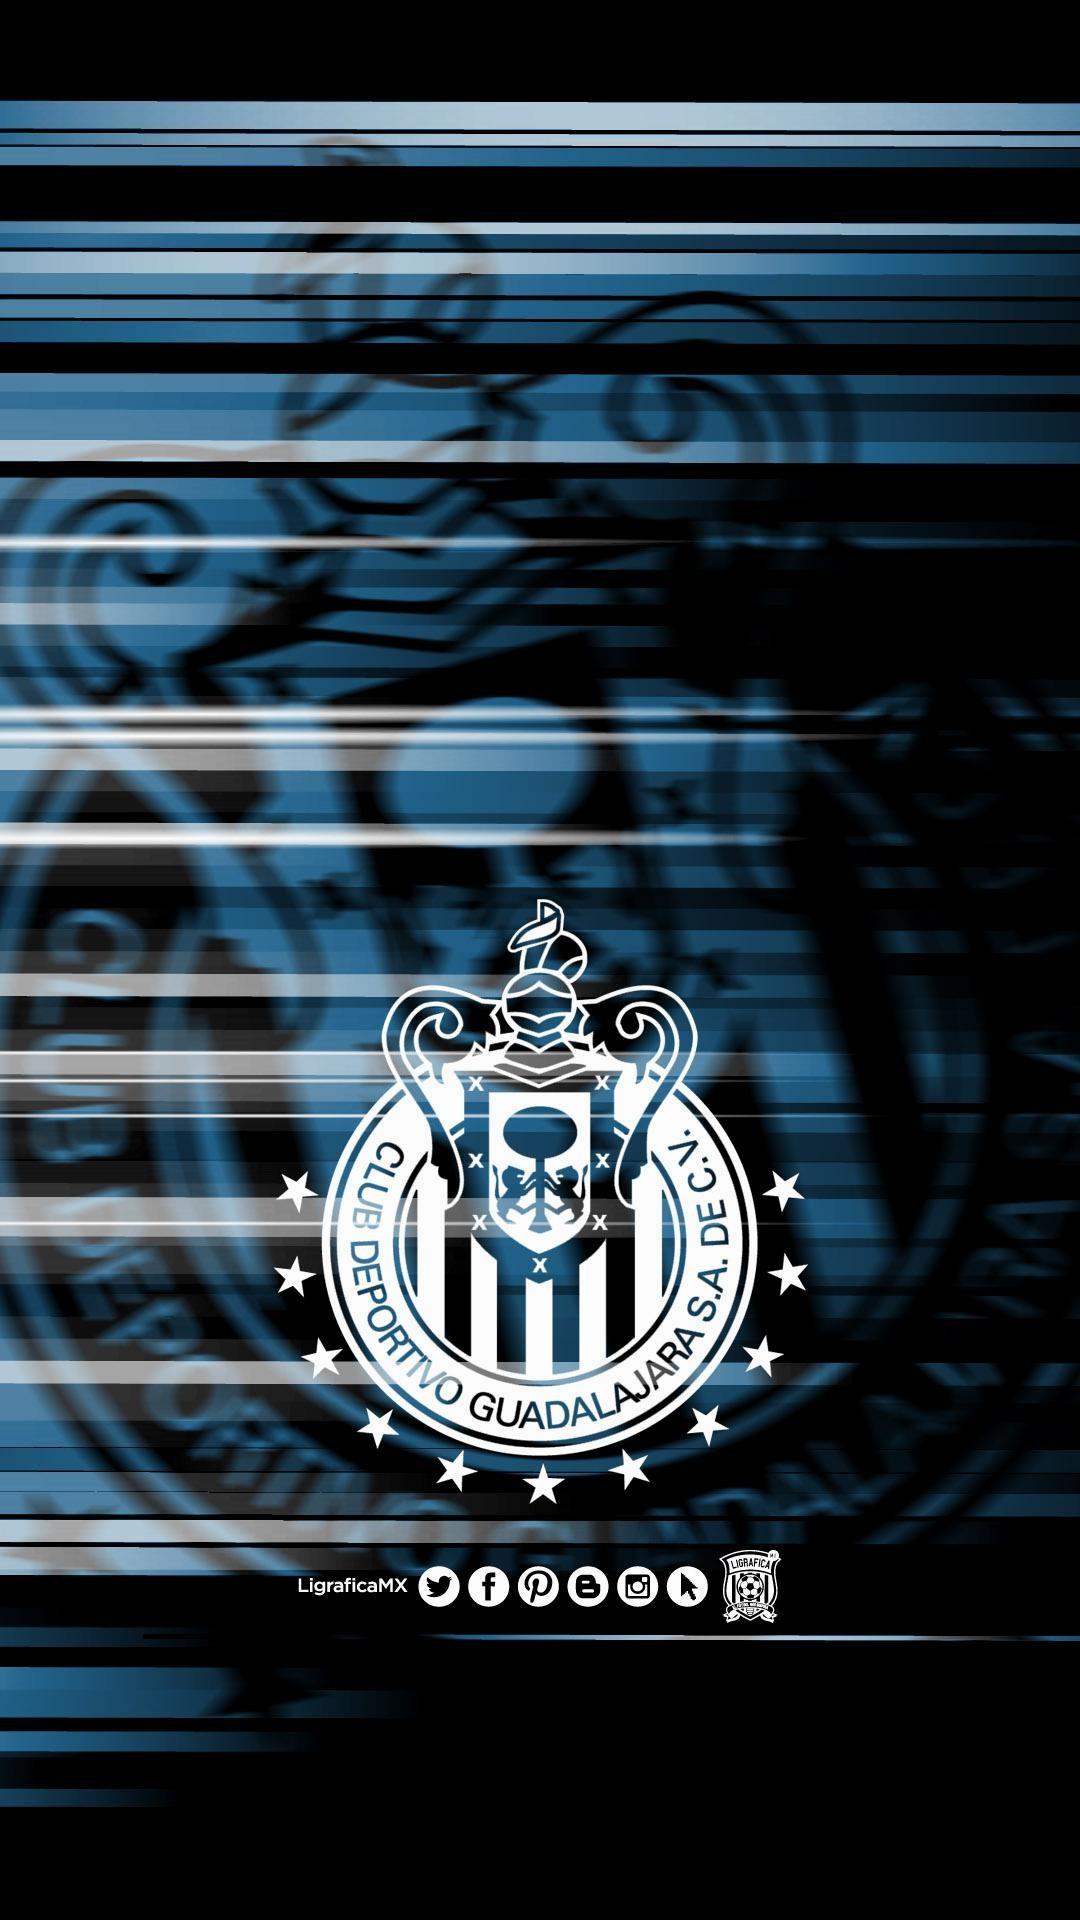 Chivas-%E2%80%A2-LigraficaMX-%E2%80%